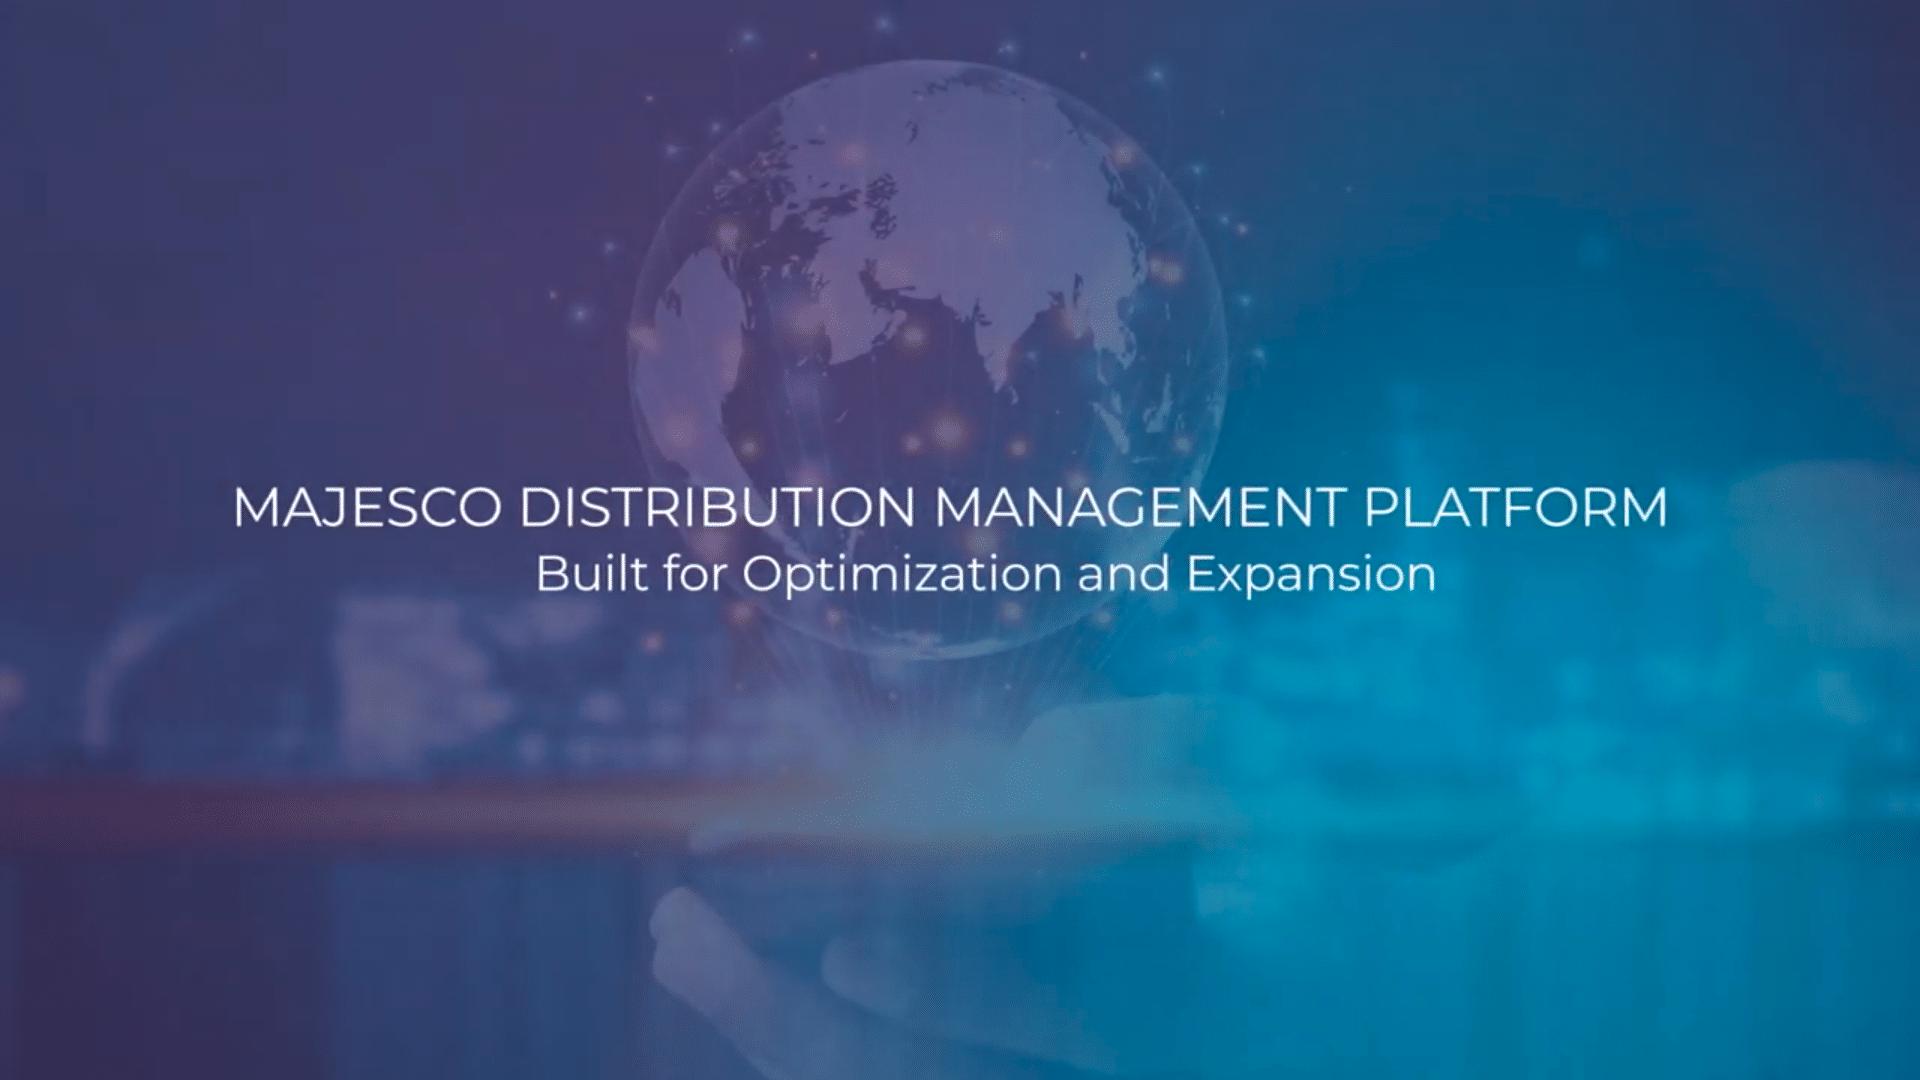 Majesco Distribution Management Platform – Built for Optimization and Expansion